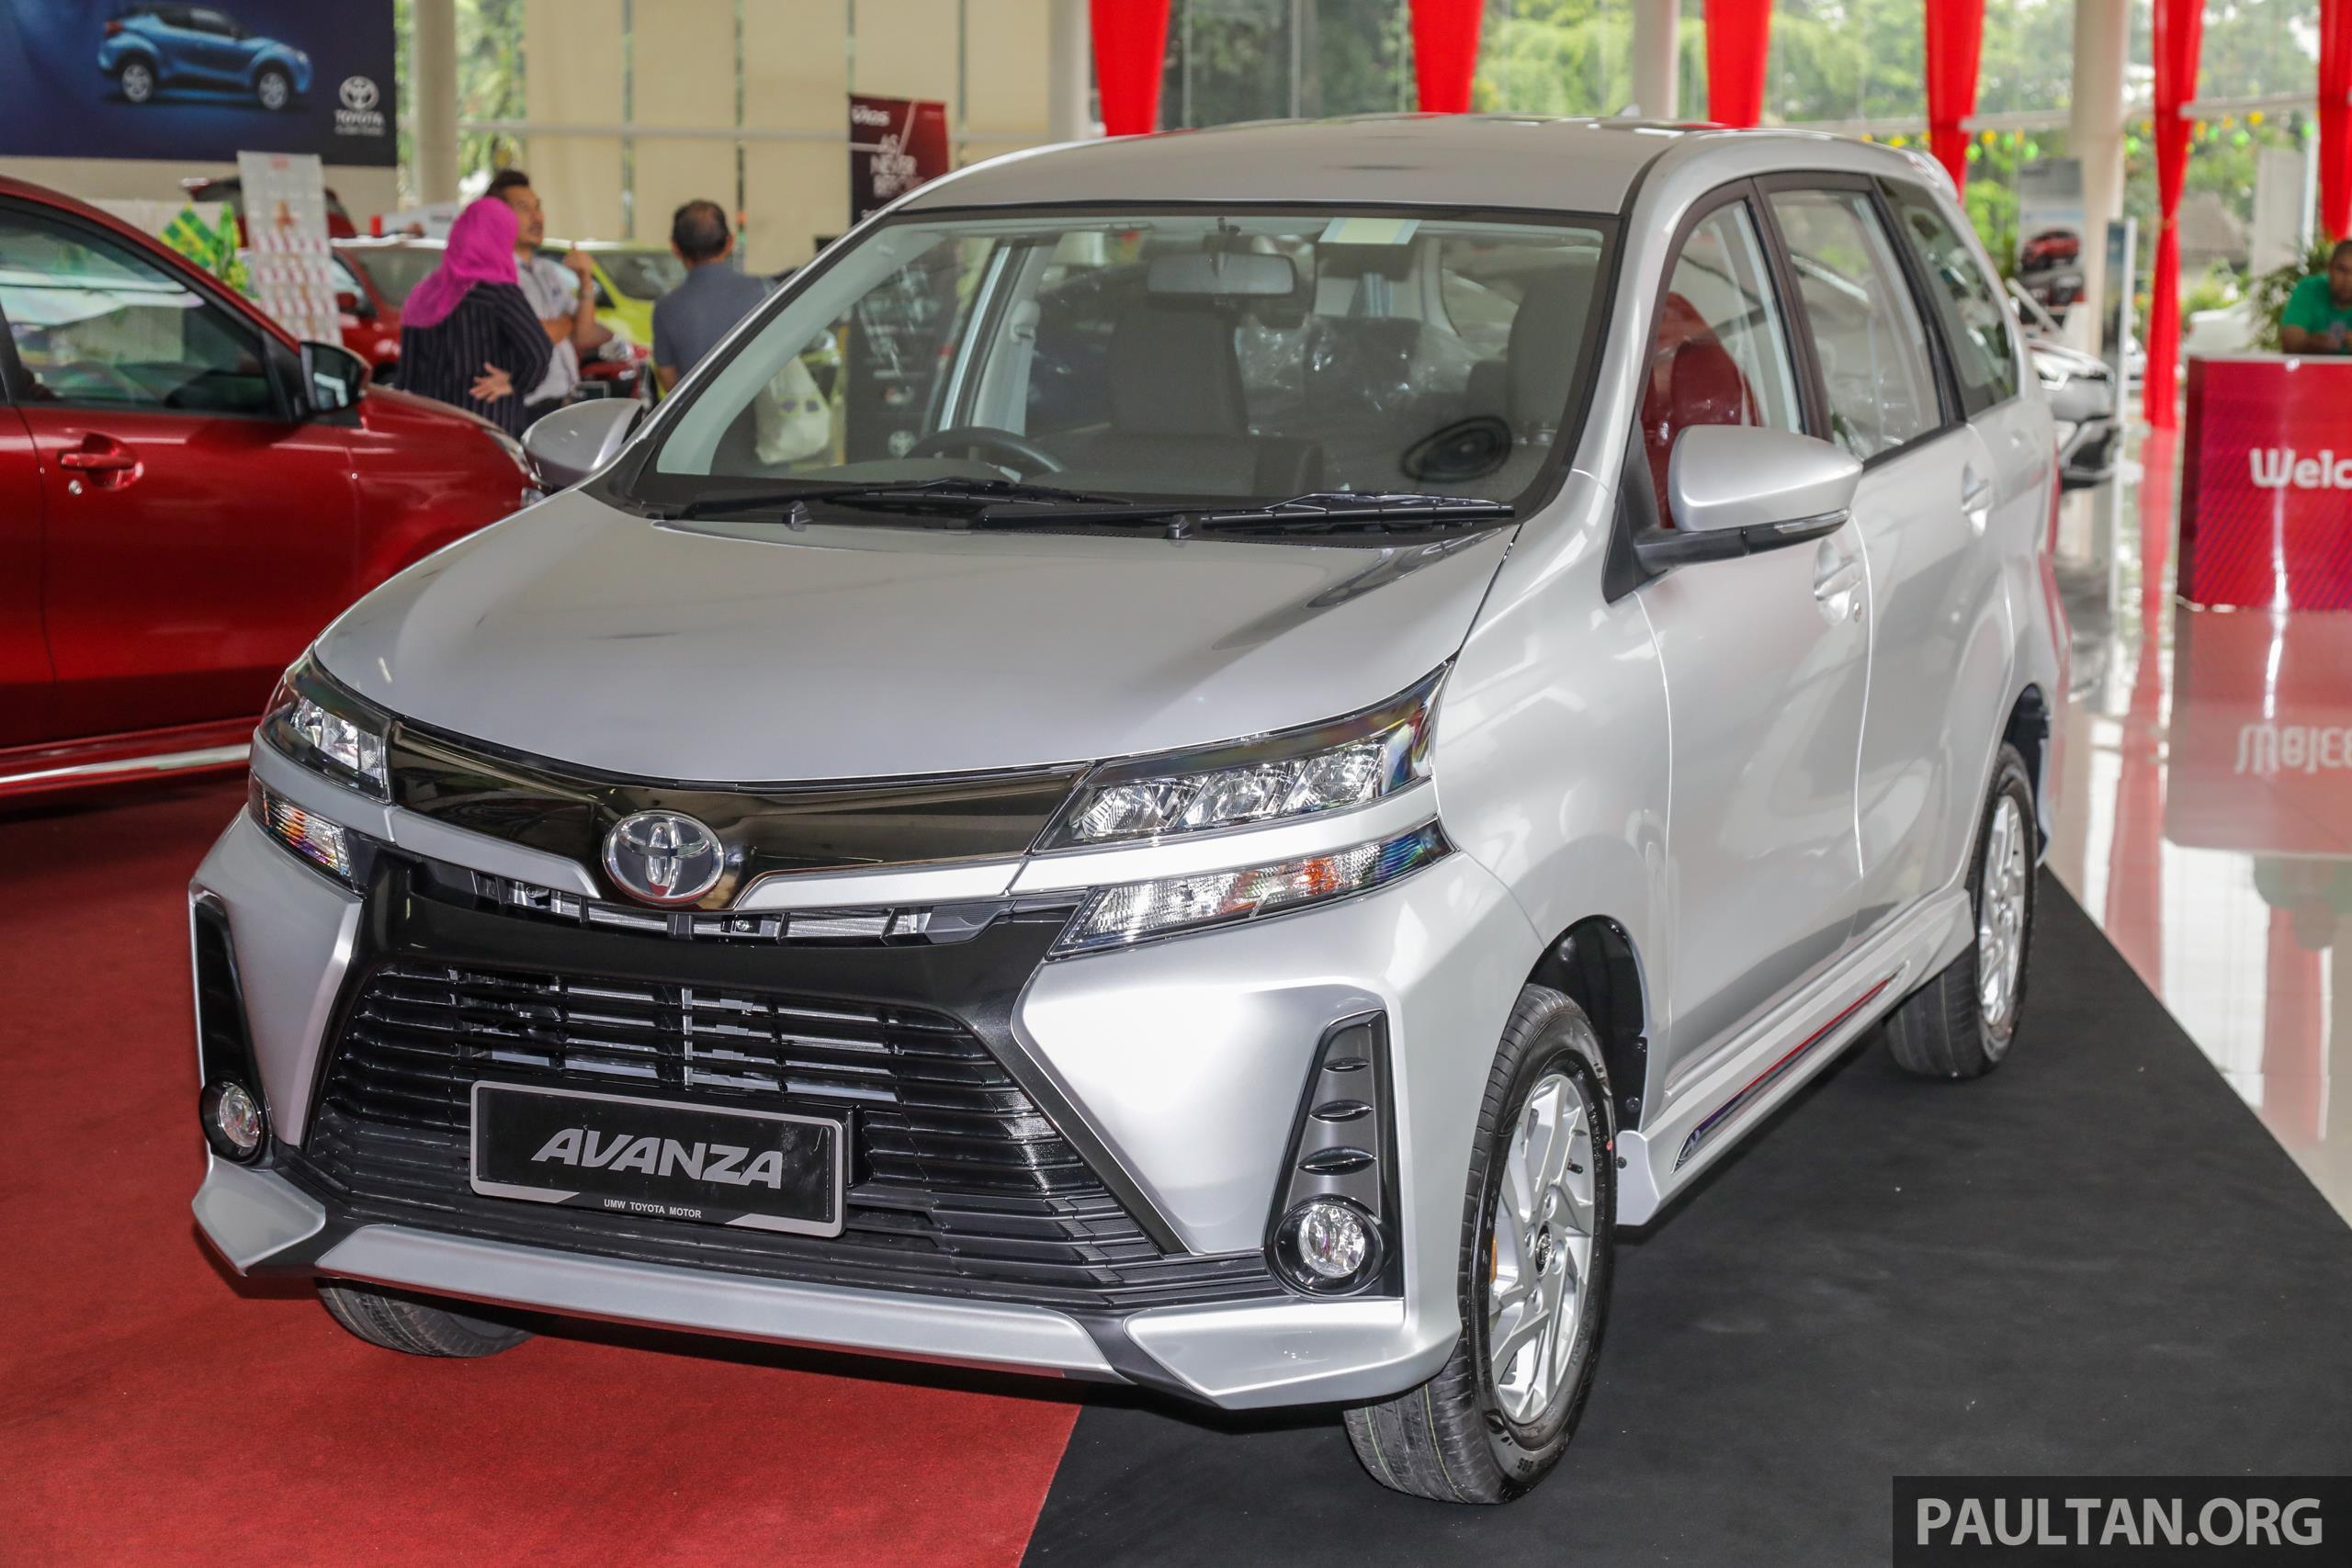 'Xe cỏ' Toyota Avanza 2019 thay đổi thiết kế, có thêm cảnh báo điểm mù Ảnh 9